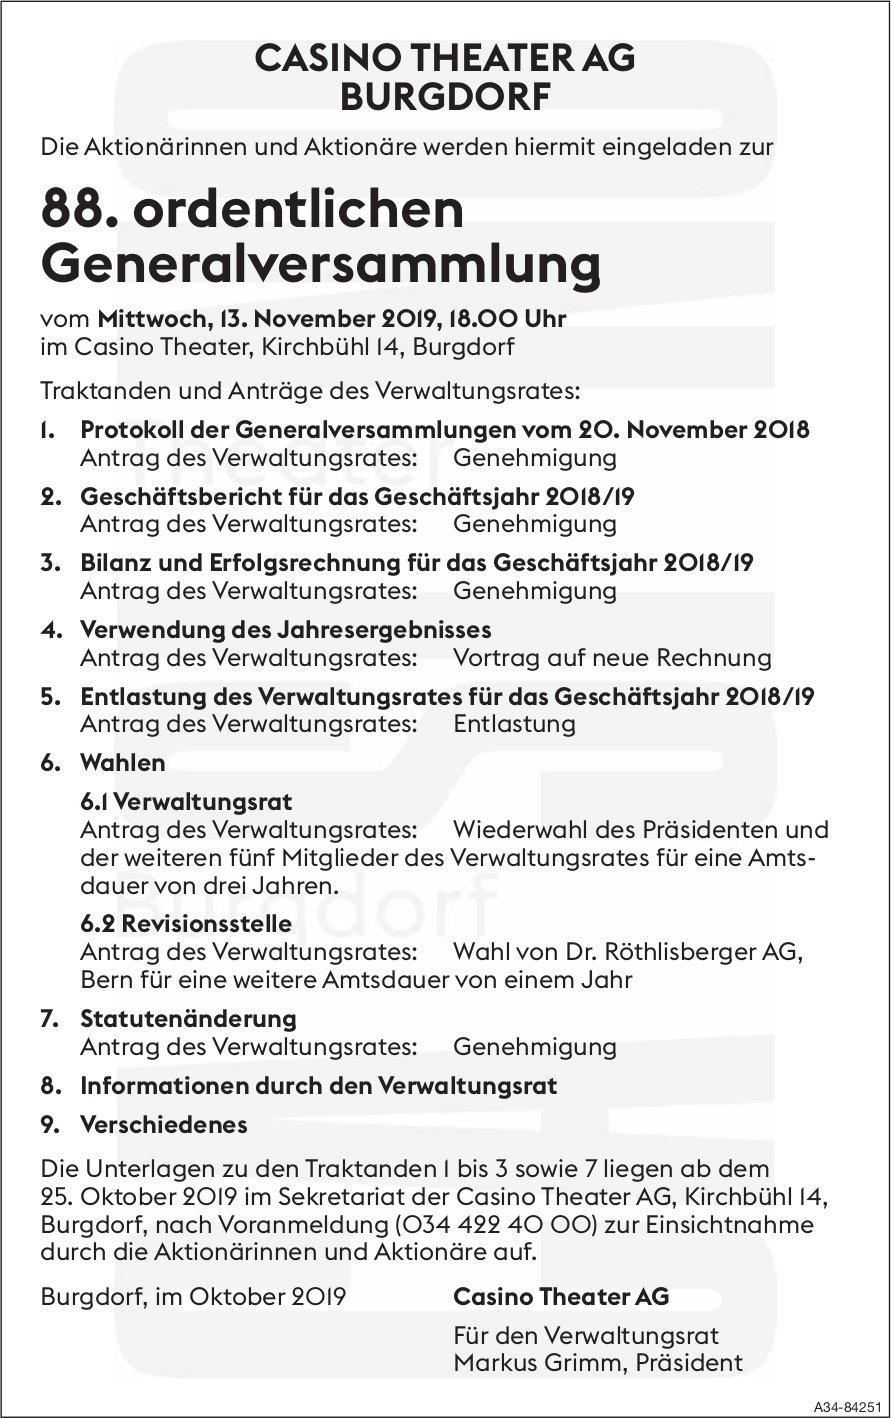 CASINO THEATER AG BURGDORF - 88. ordentlichen Generalversammlung am 13. November